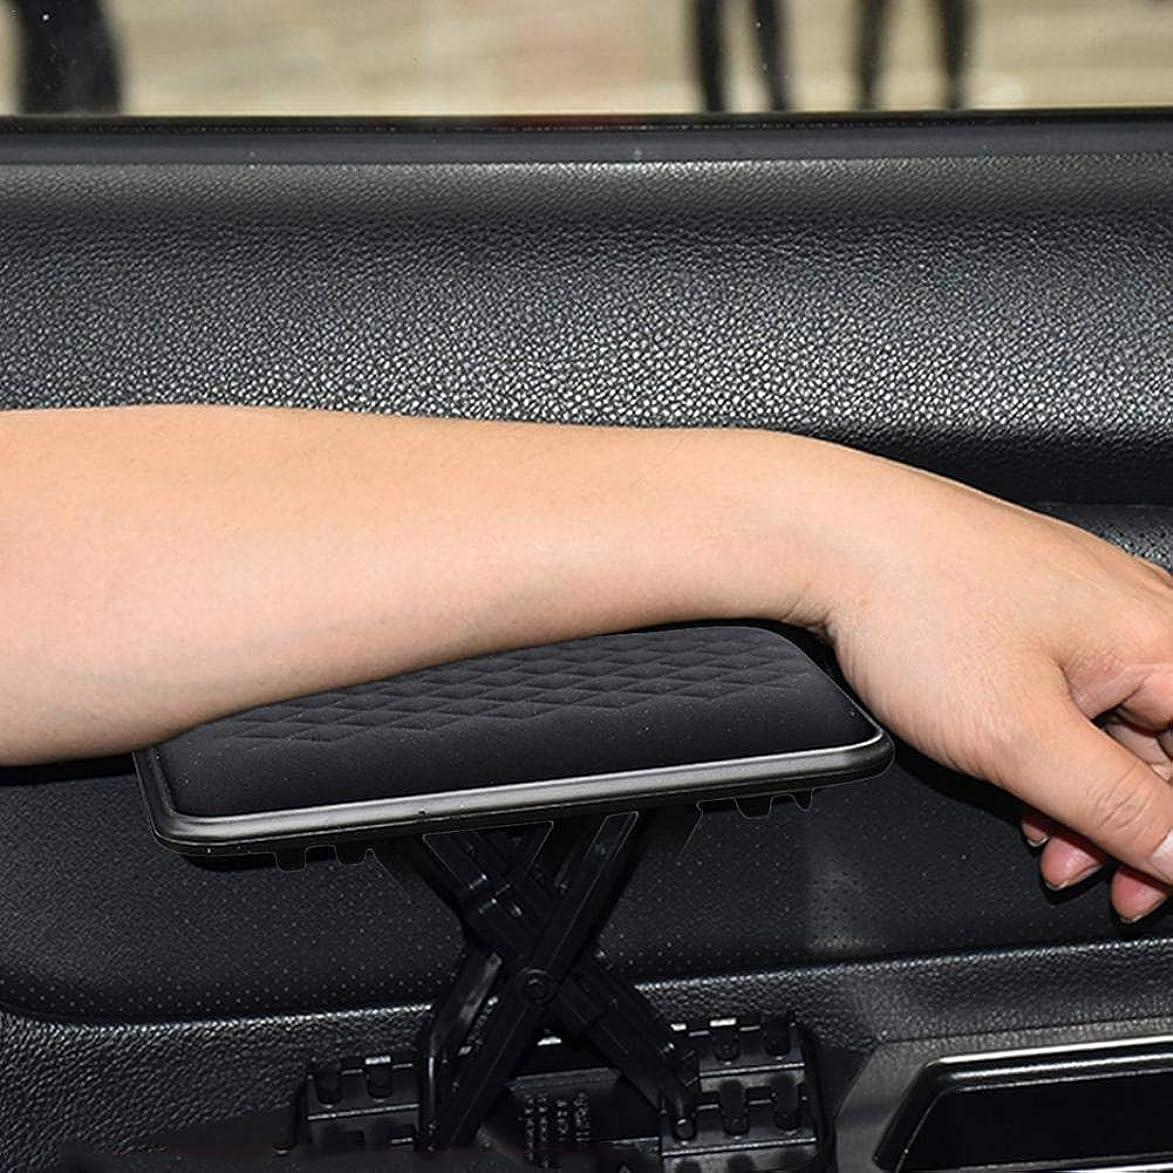 弱点いつか時計回り変更されたユニバーサルカードアアームレストパッドアームレスト肘サポート手すり高さパッドカー用品